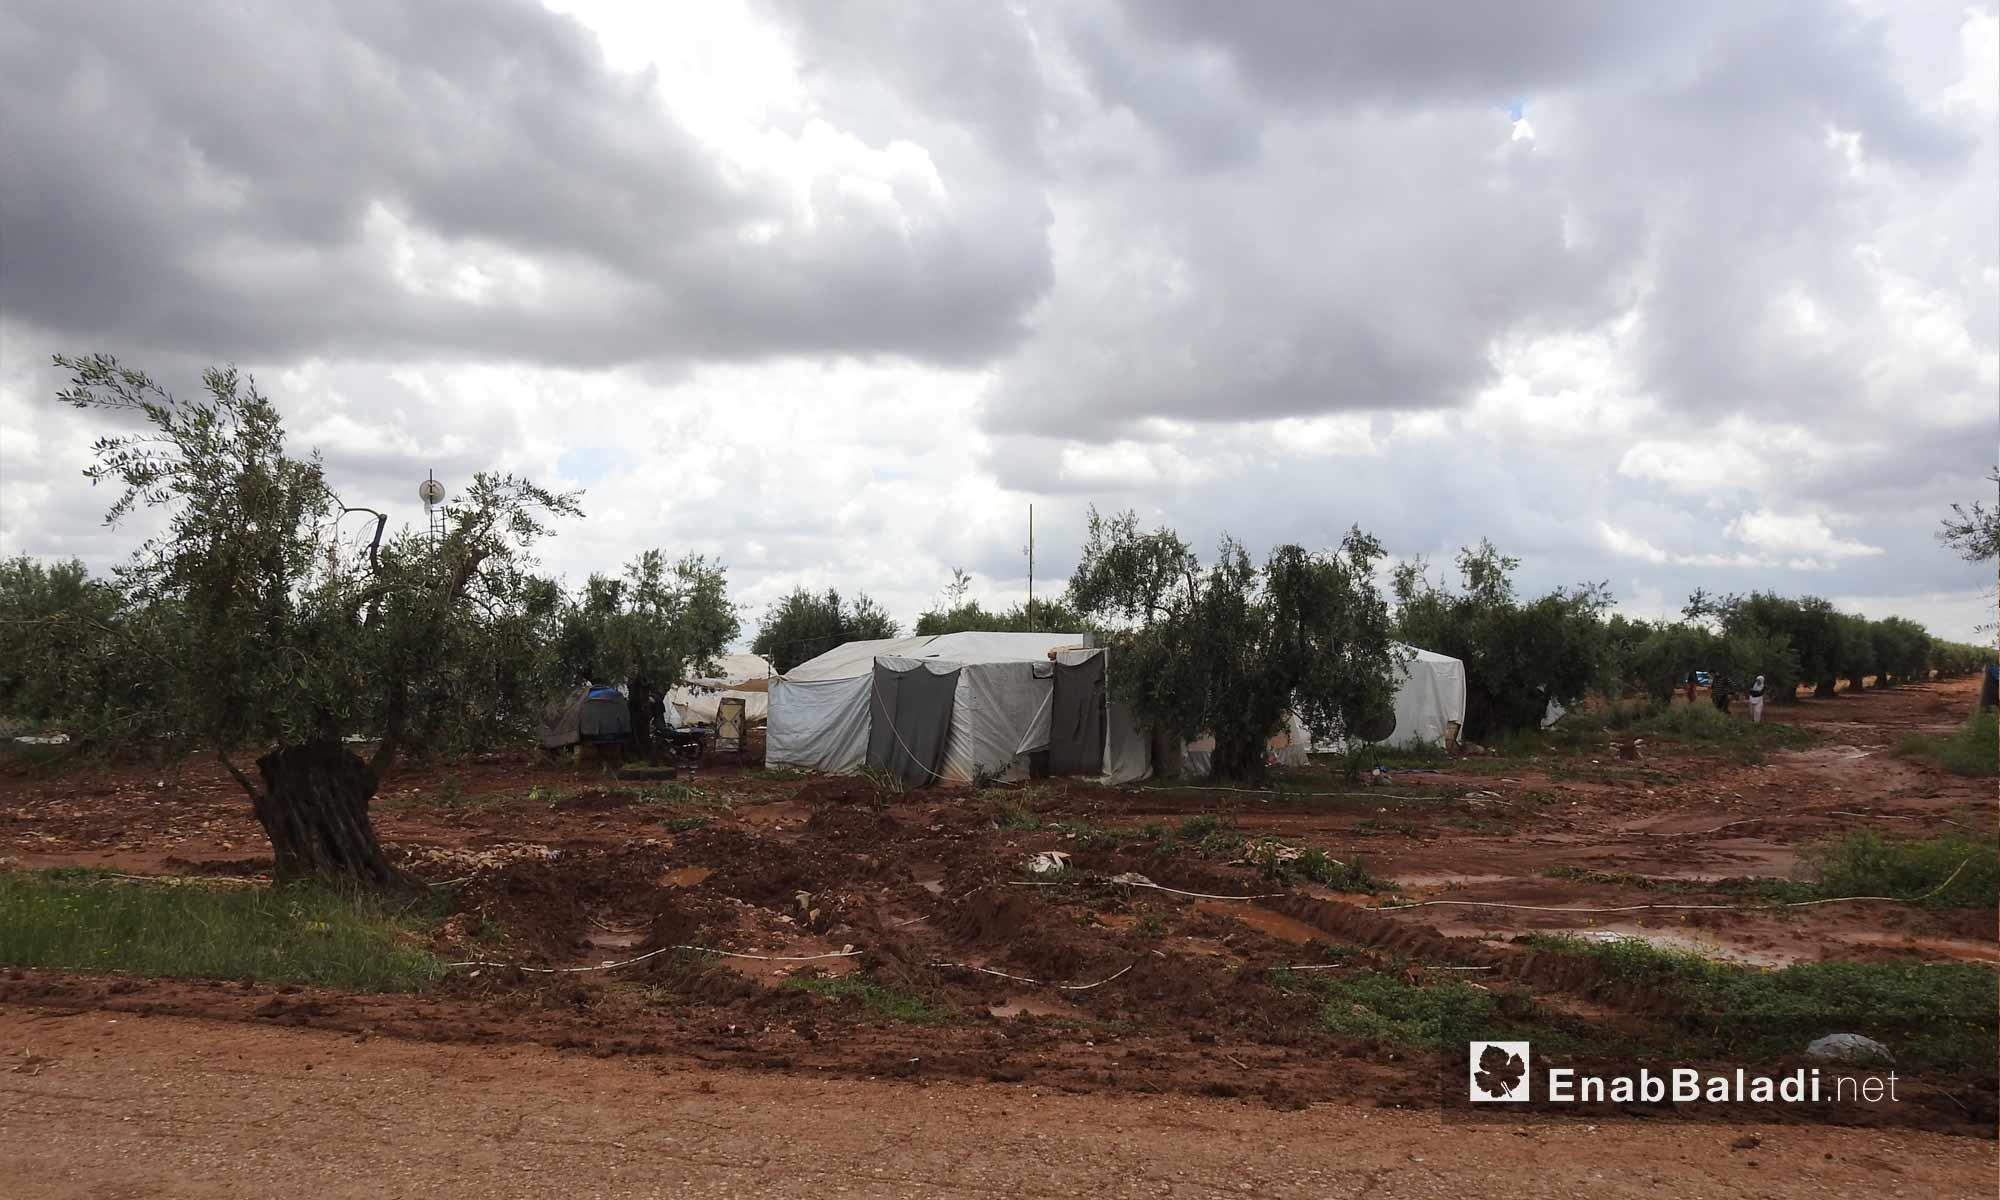 تشكل السيول في مخيمات النازحين بريف حلب الشمالي - 13 من أيار 2018 (عنب بلدي)